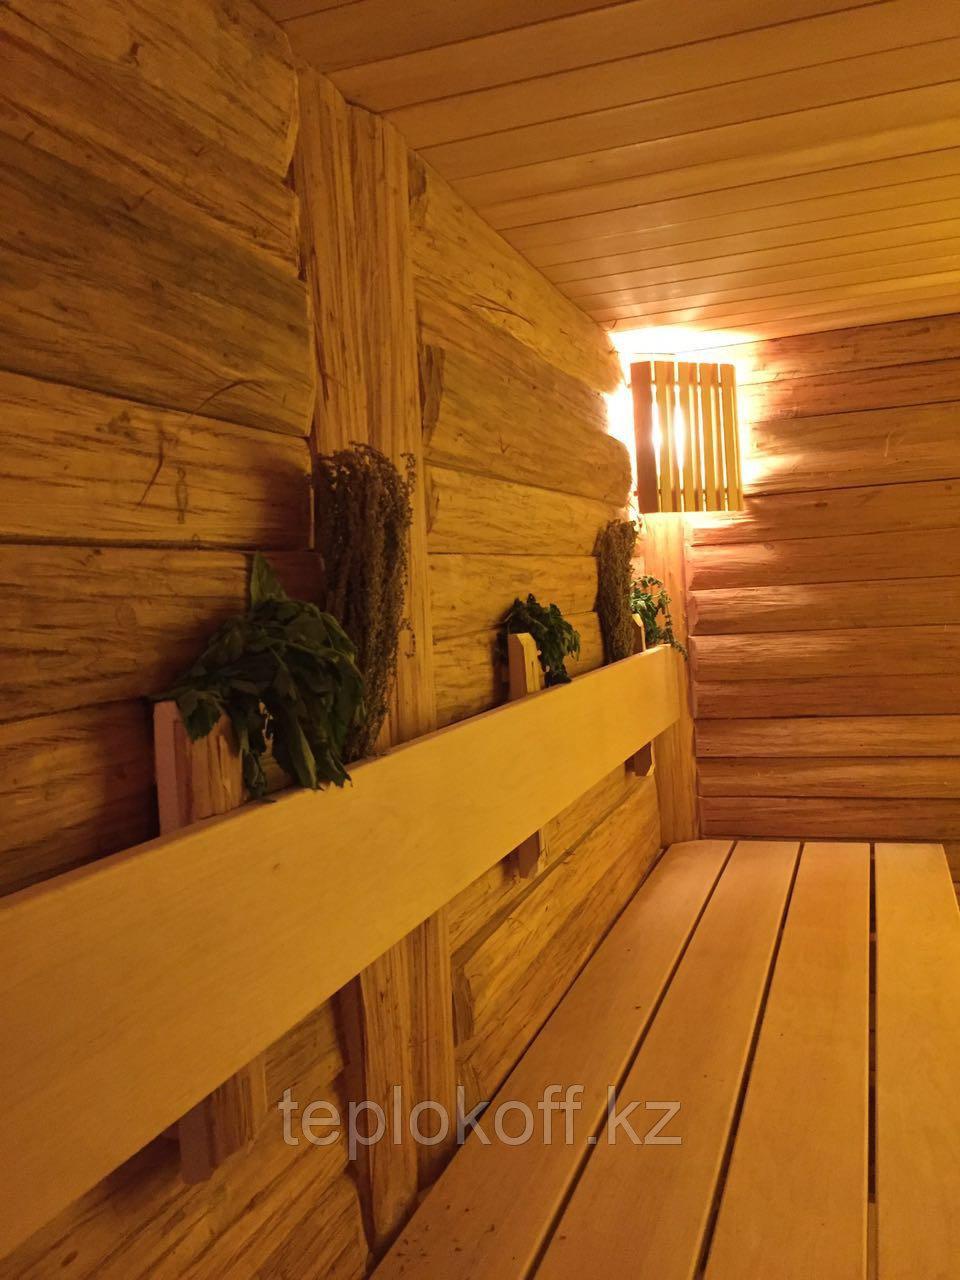 Блок-хаус липа с лыком камерной сушки  «Стиль Леший»